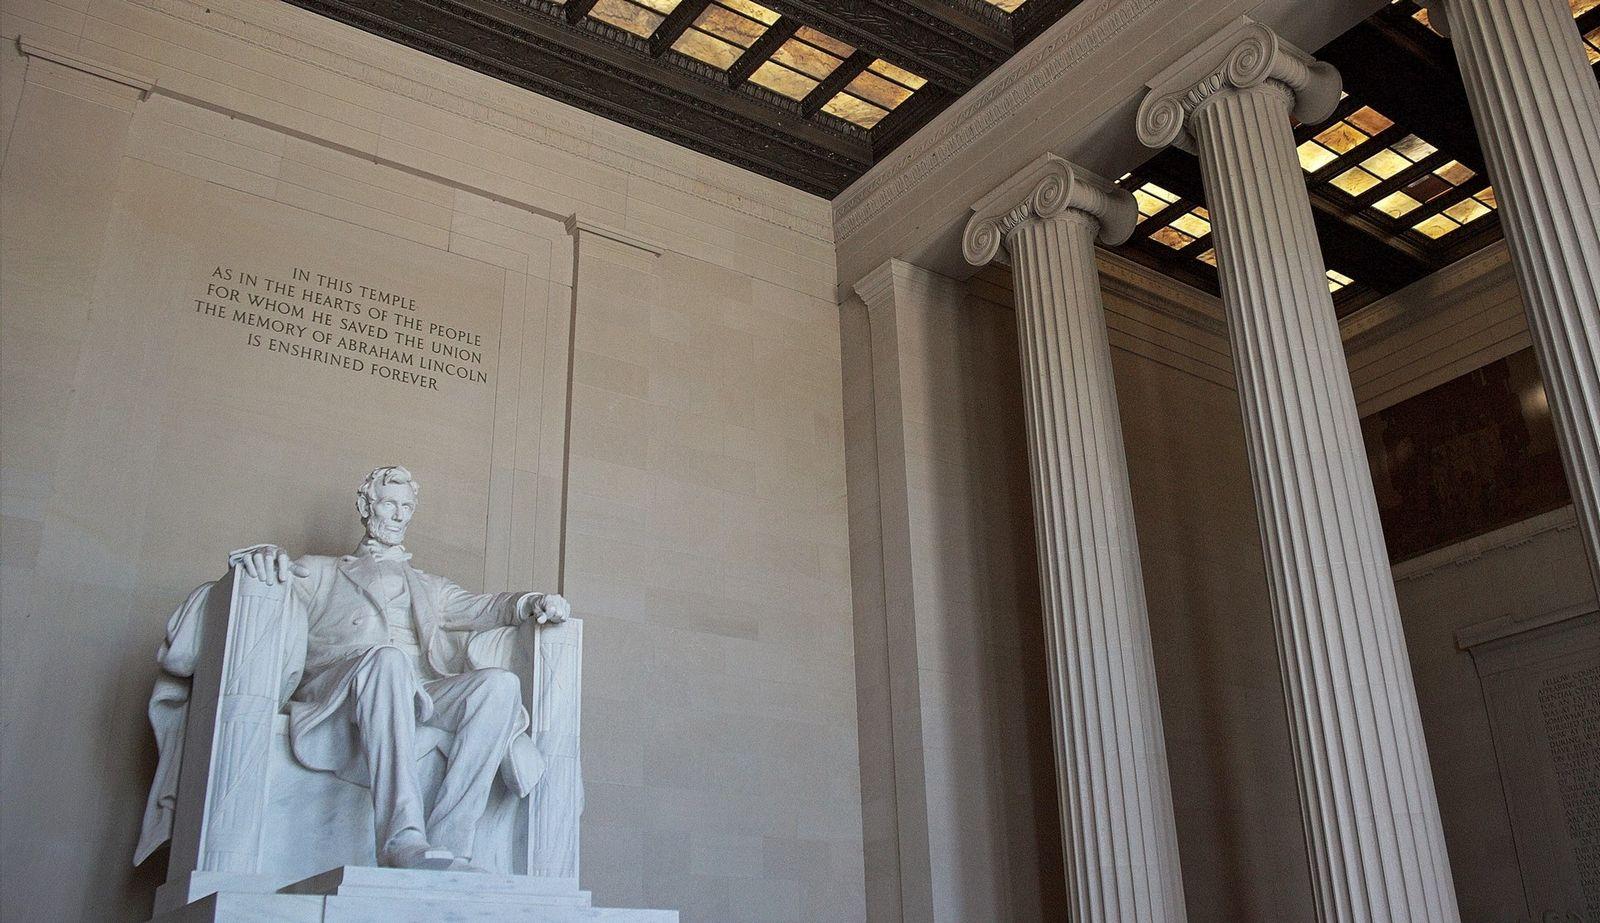 El recuerdo de Abraham Lincoln consagrado para siempre